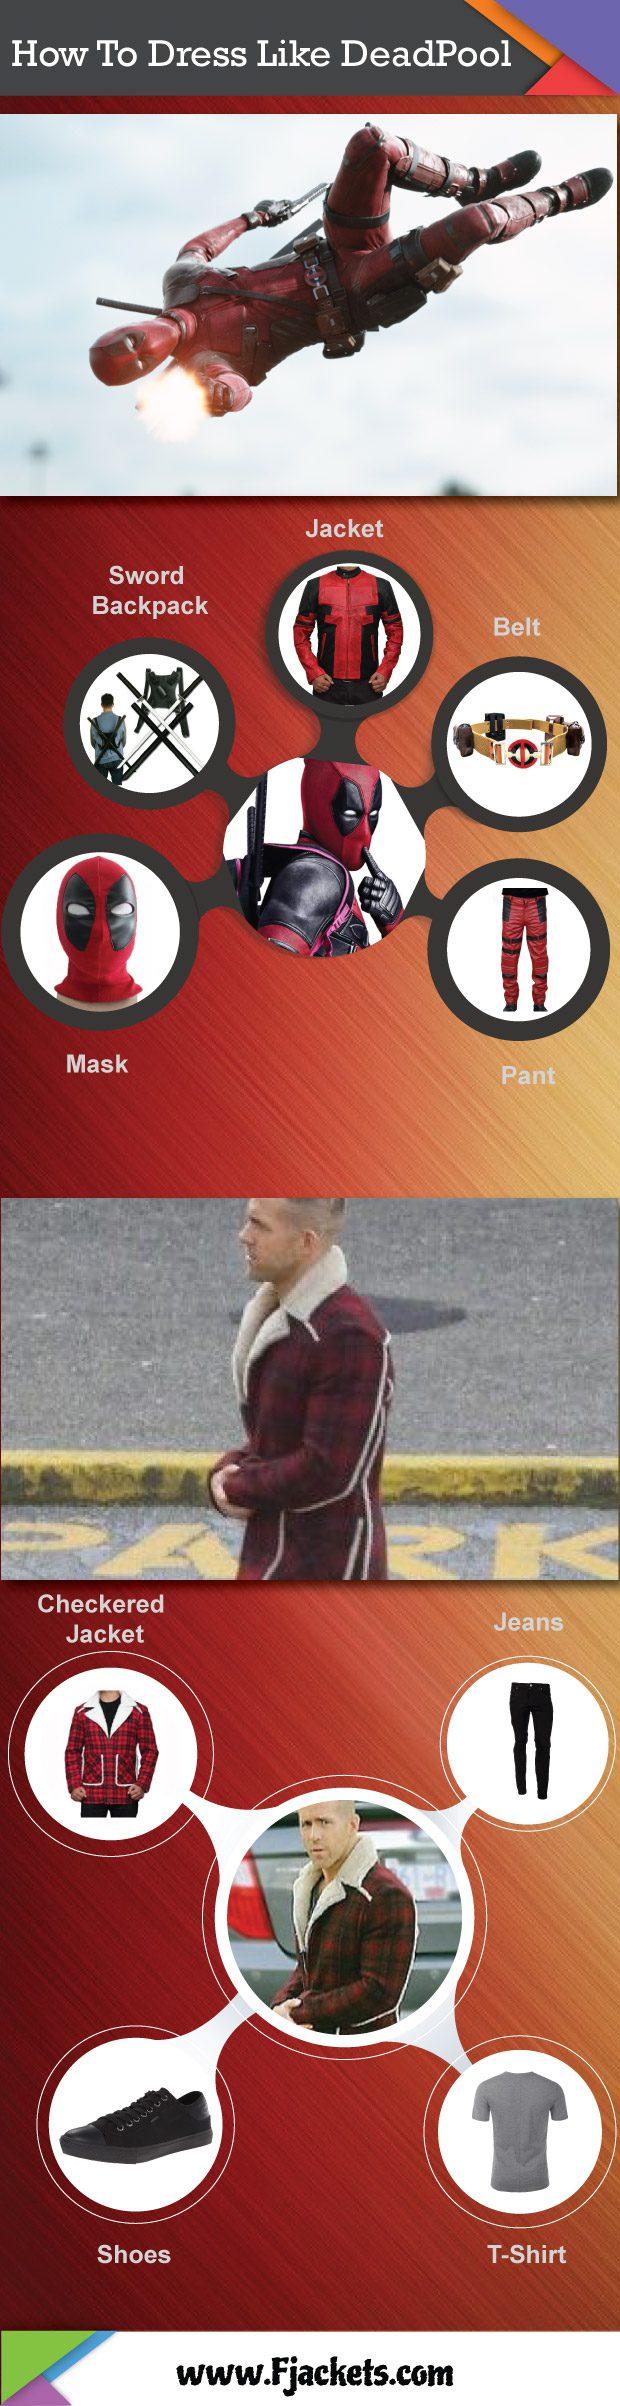 Deadpool Infographic